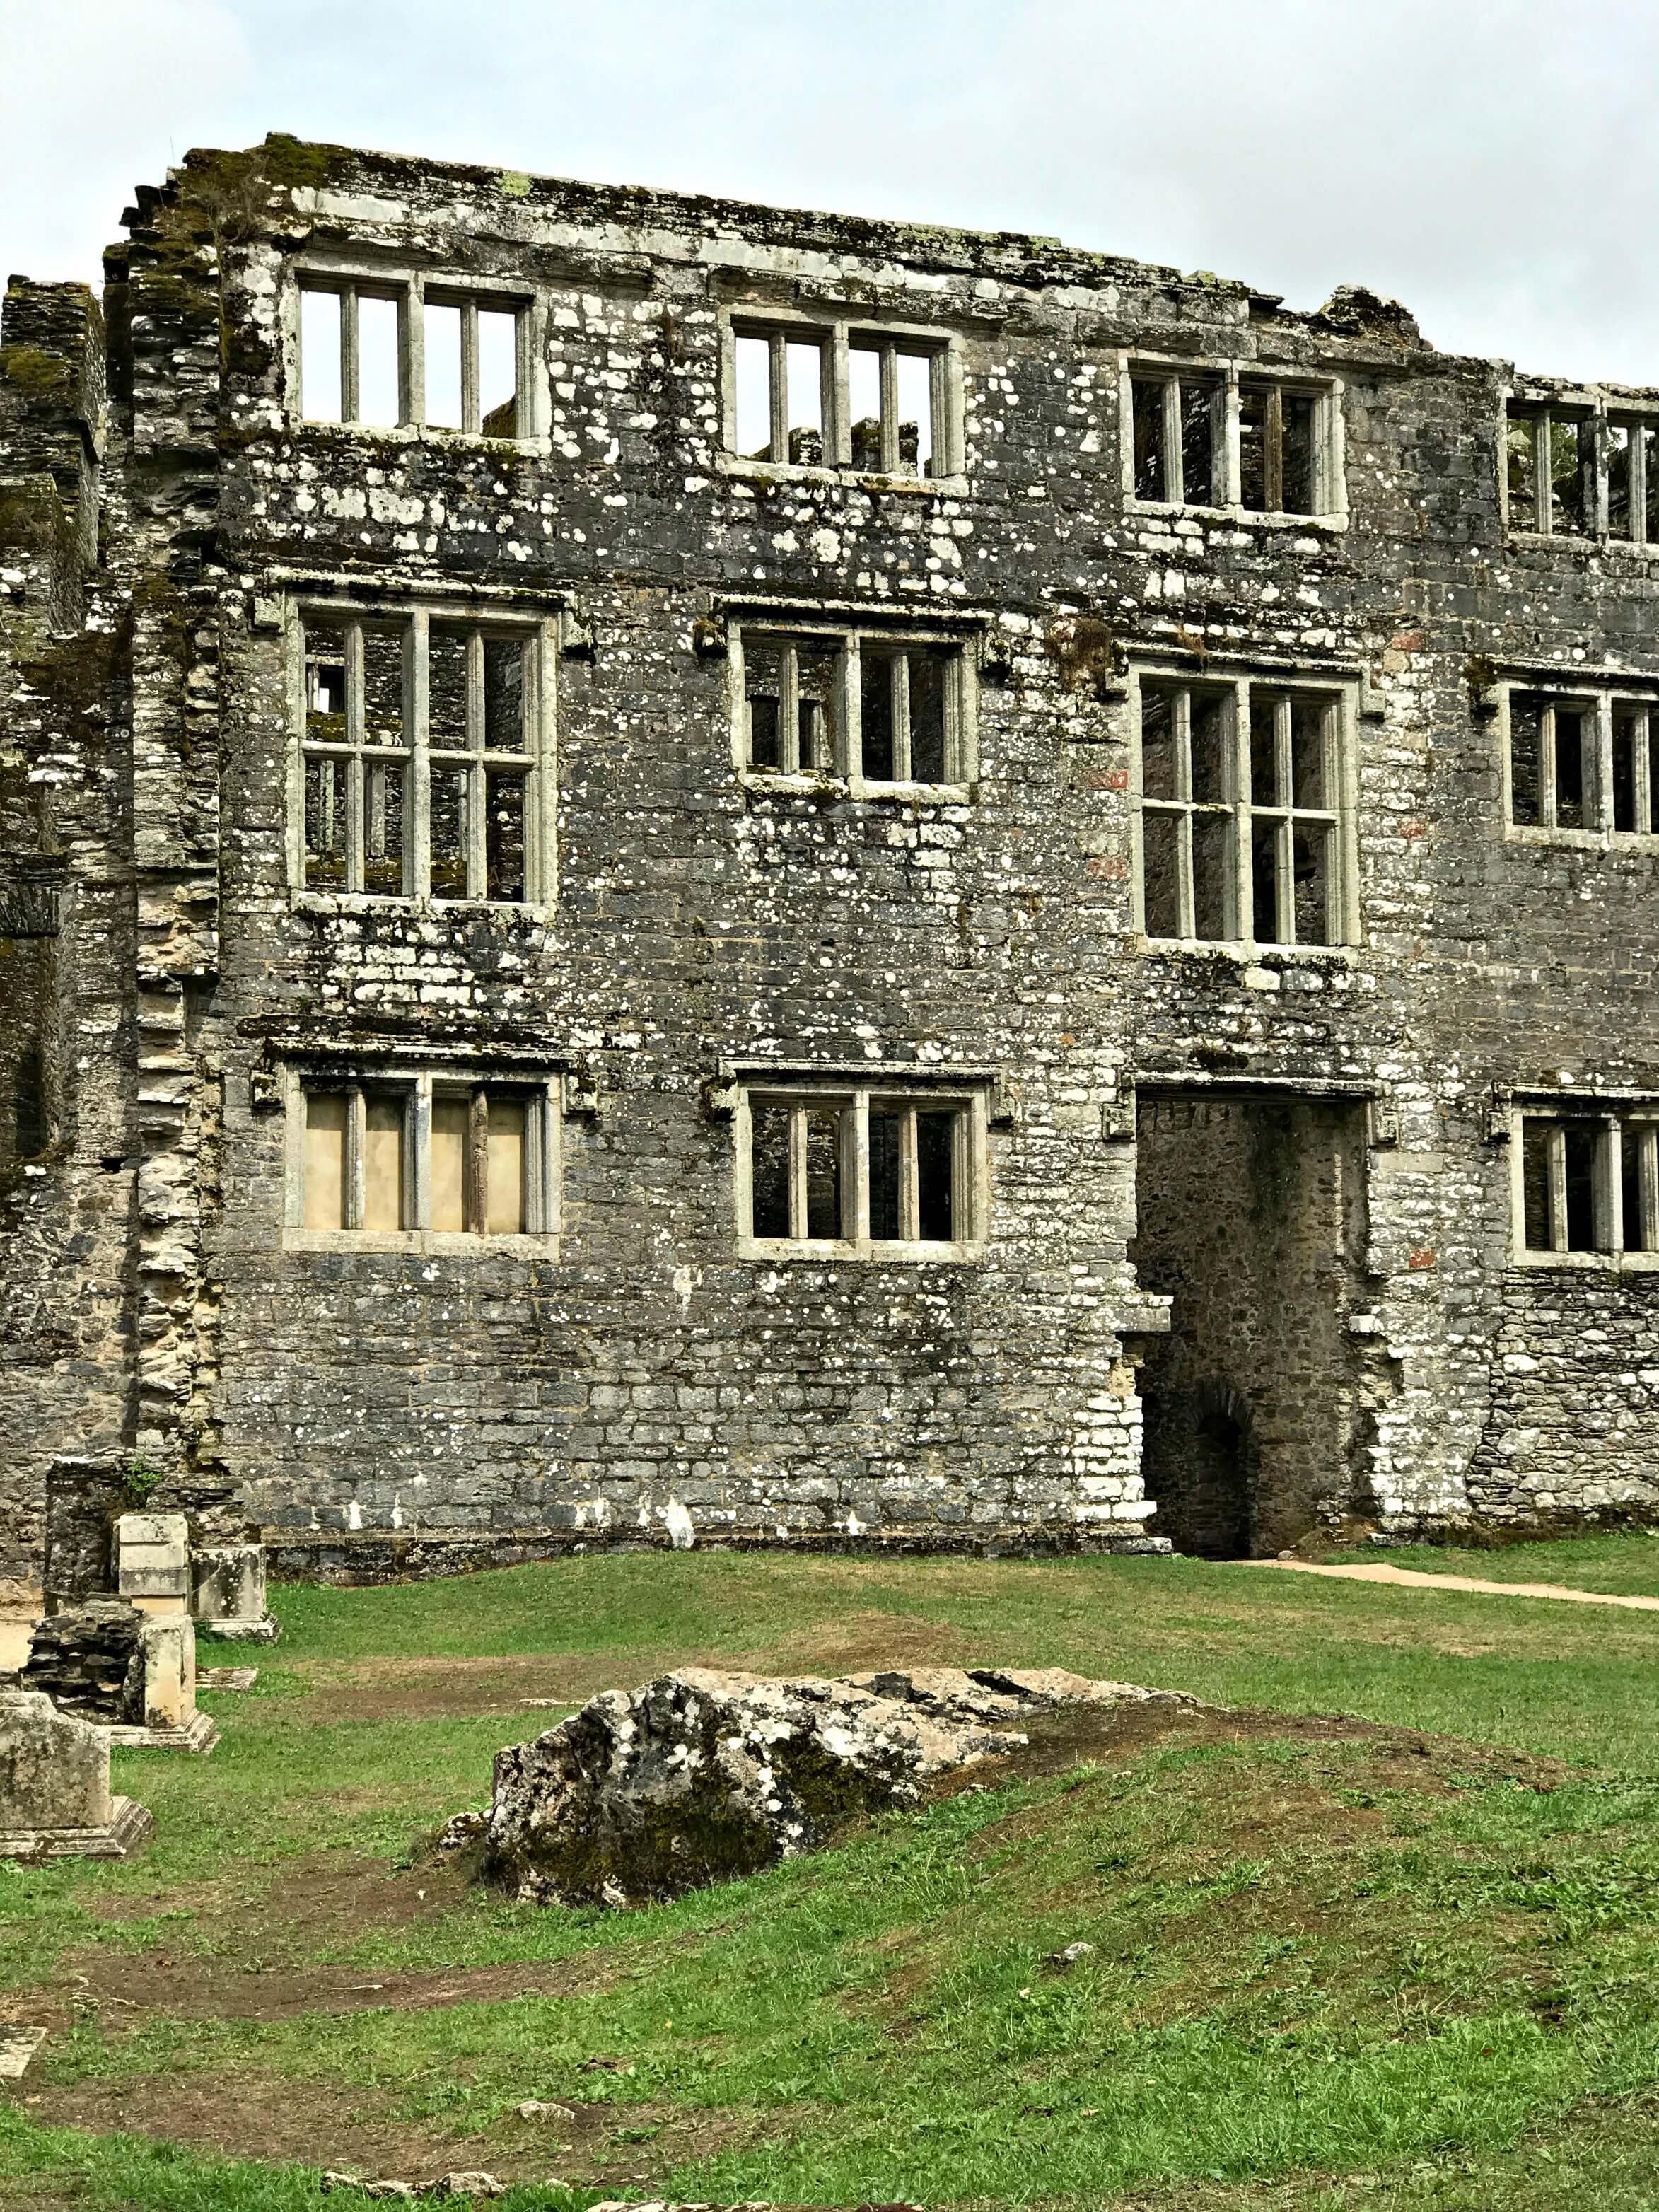 Berry Pomeroy Castle in Devon